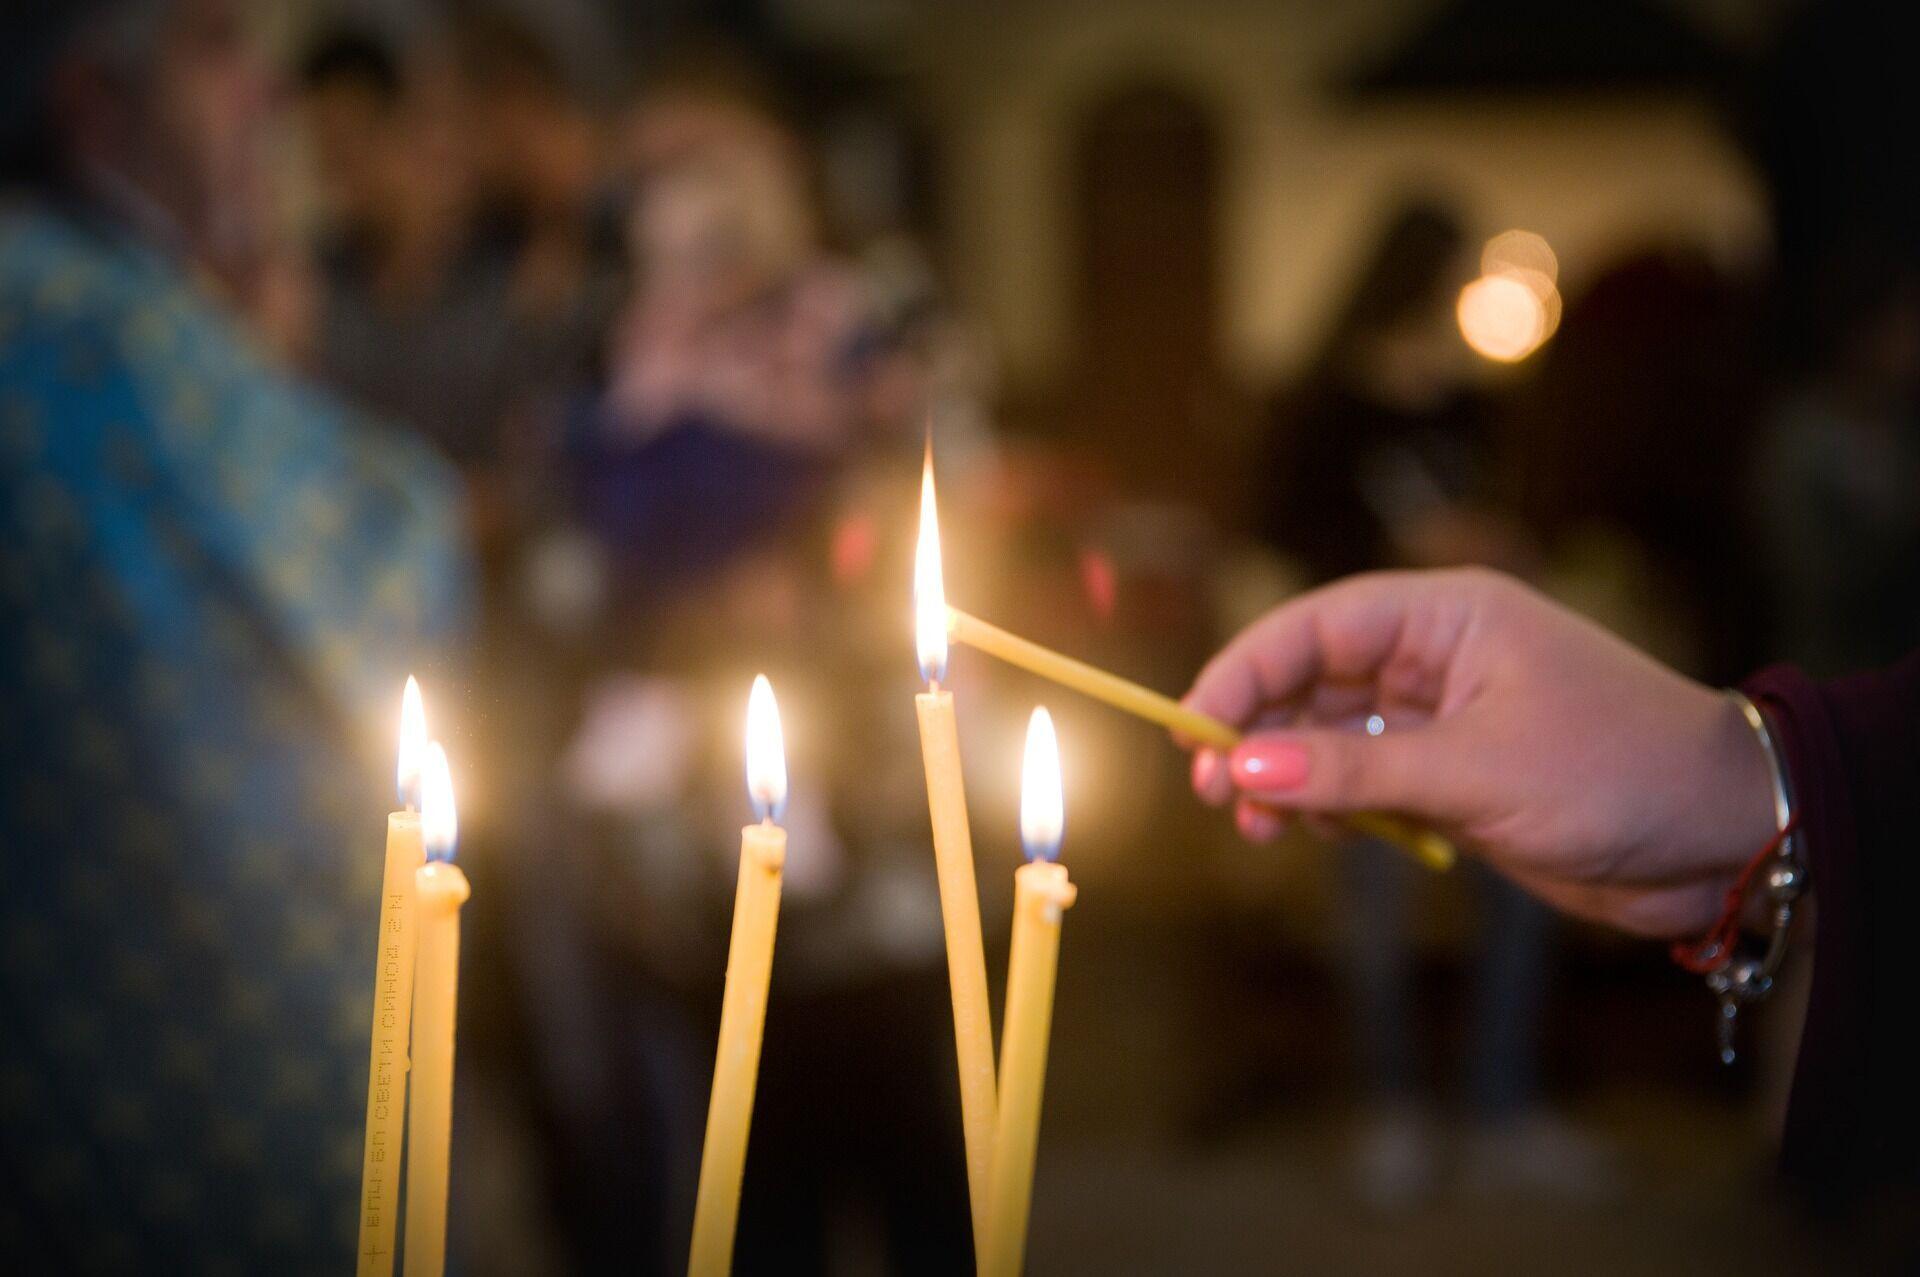 Молитва в храме в первую очередь необходима душам тех, кто отошел в вечную жизнь